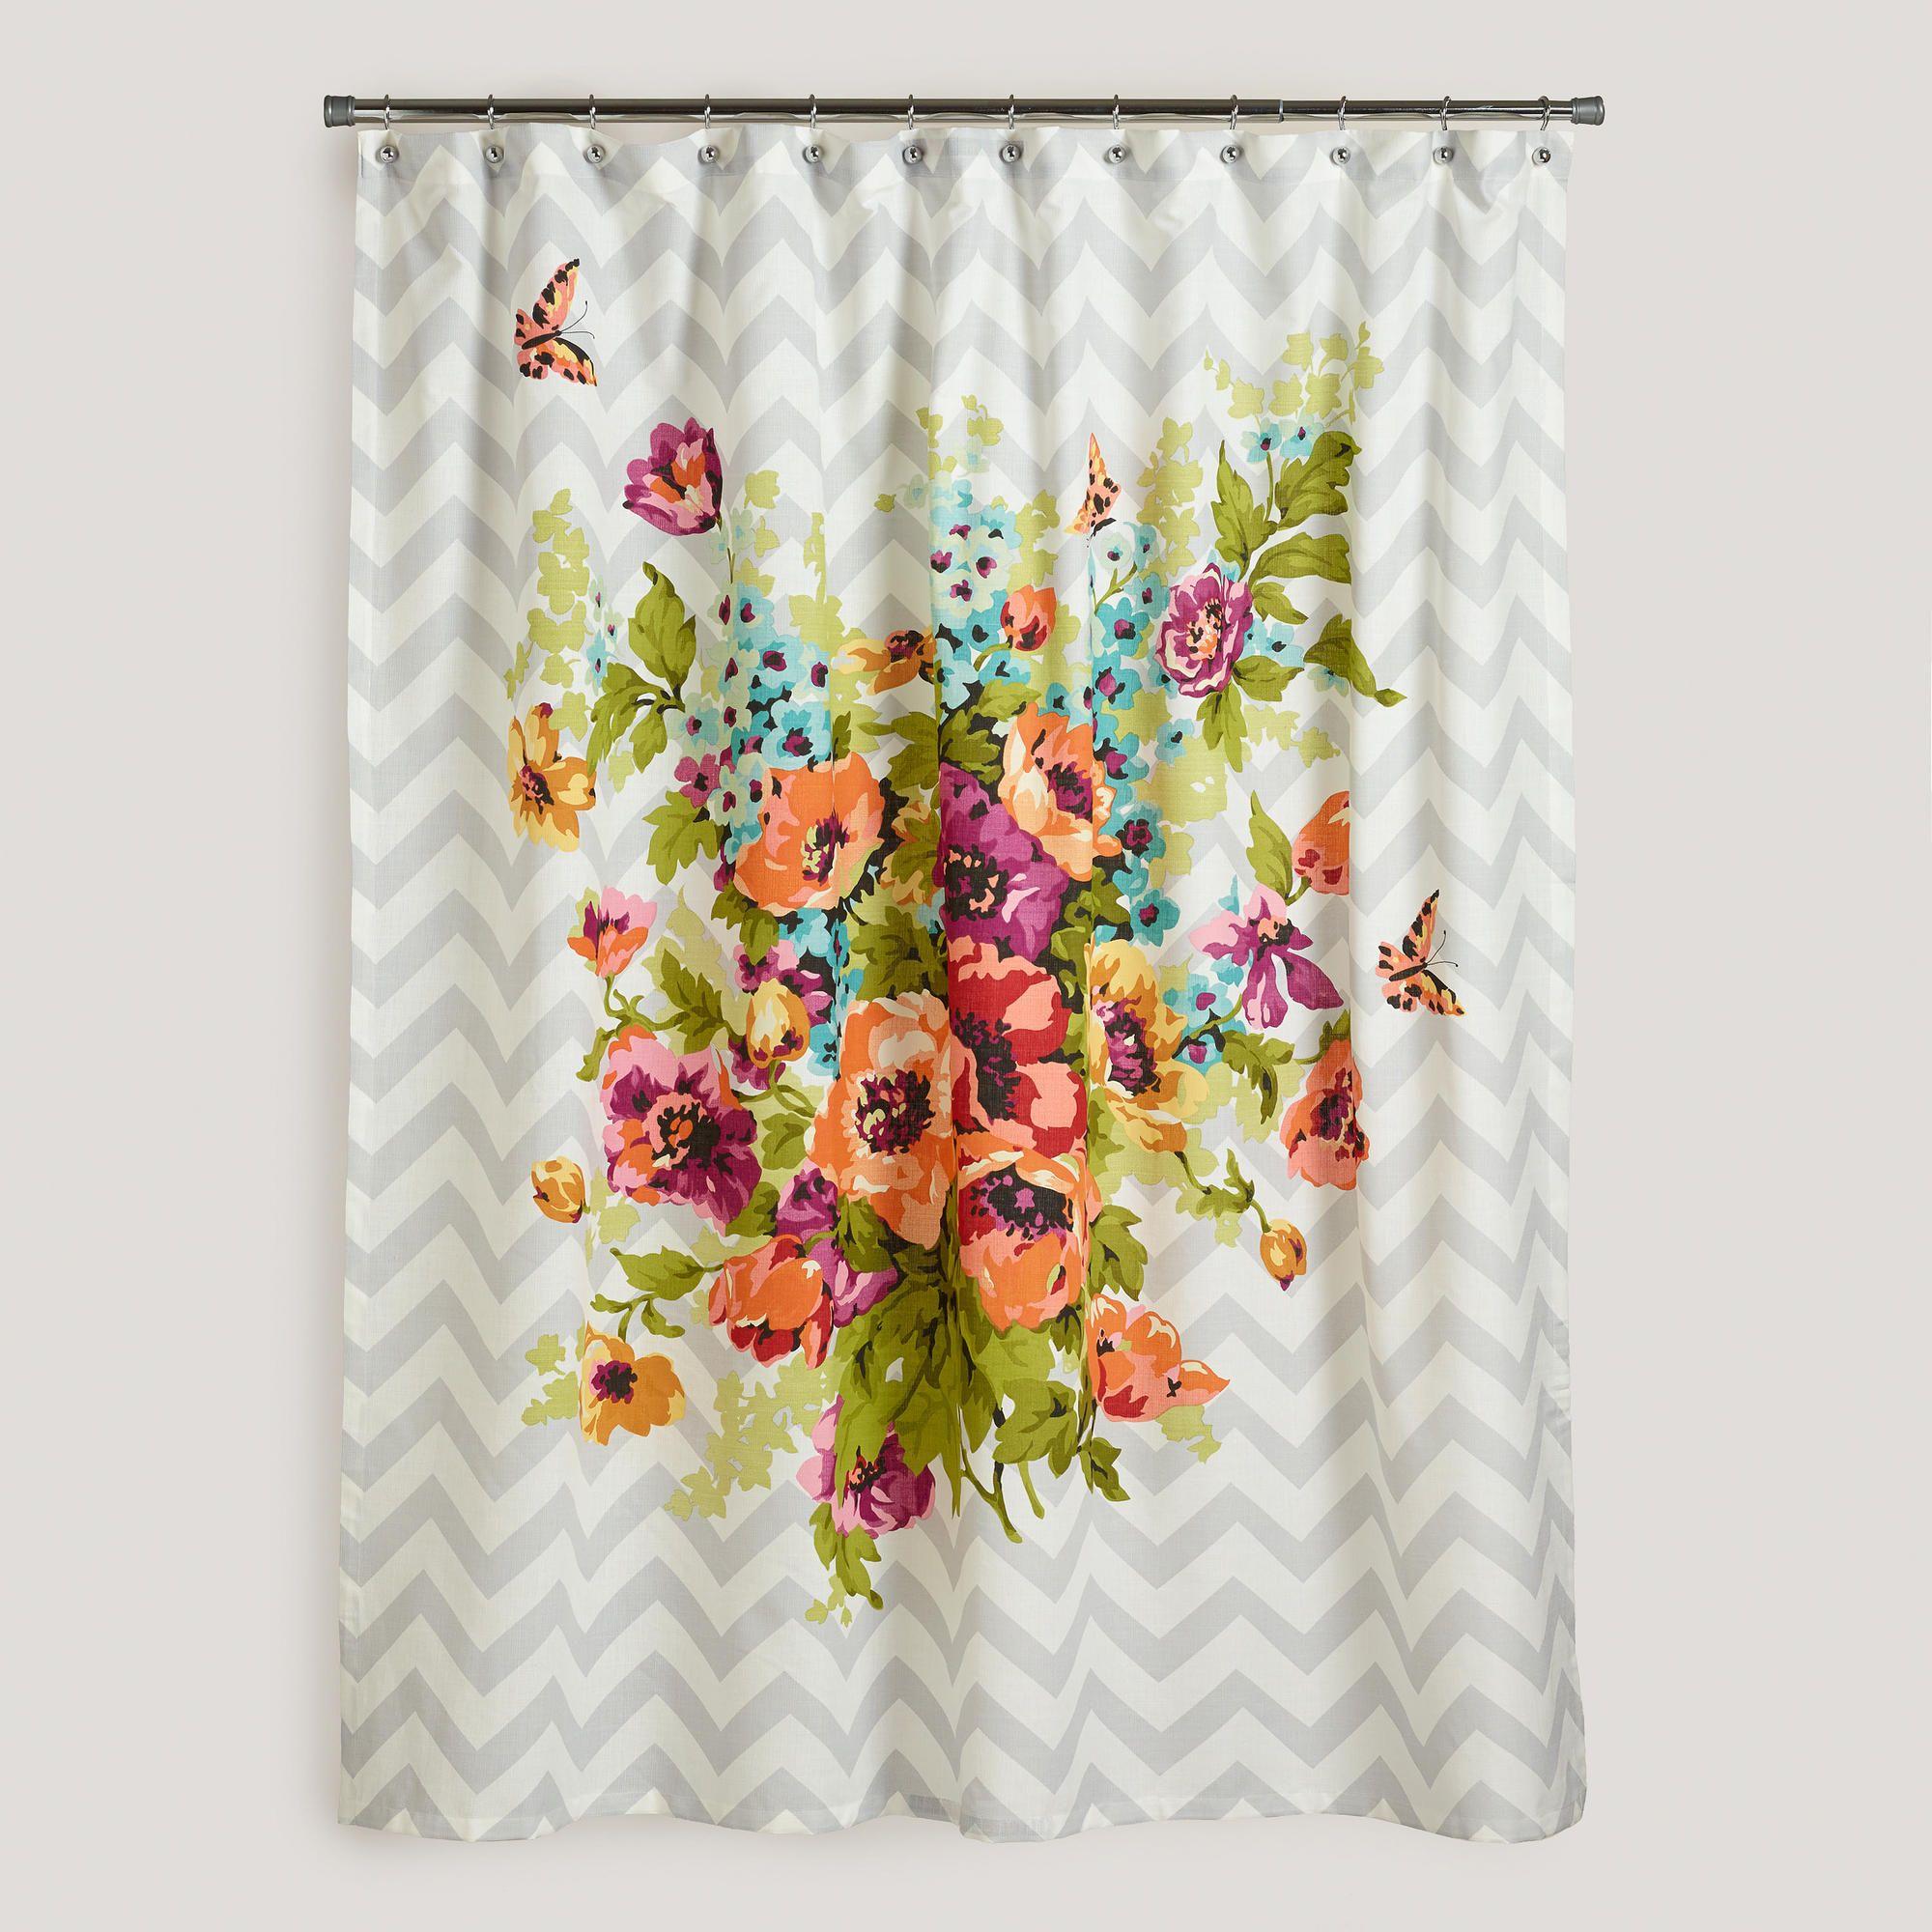 Charming Floribunda Shower Curtain